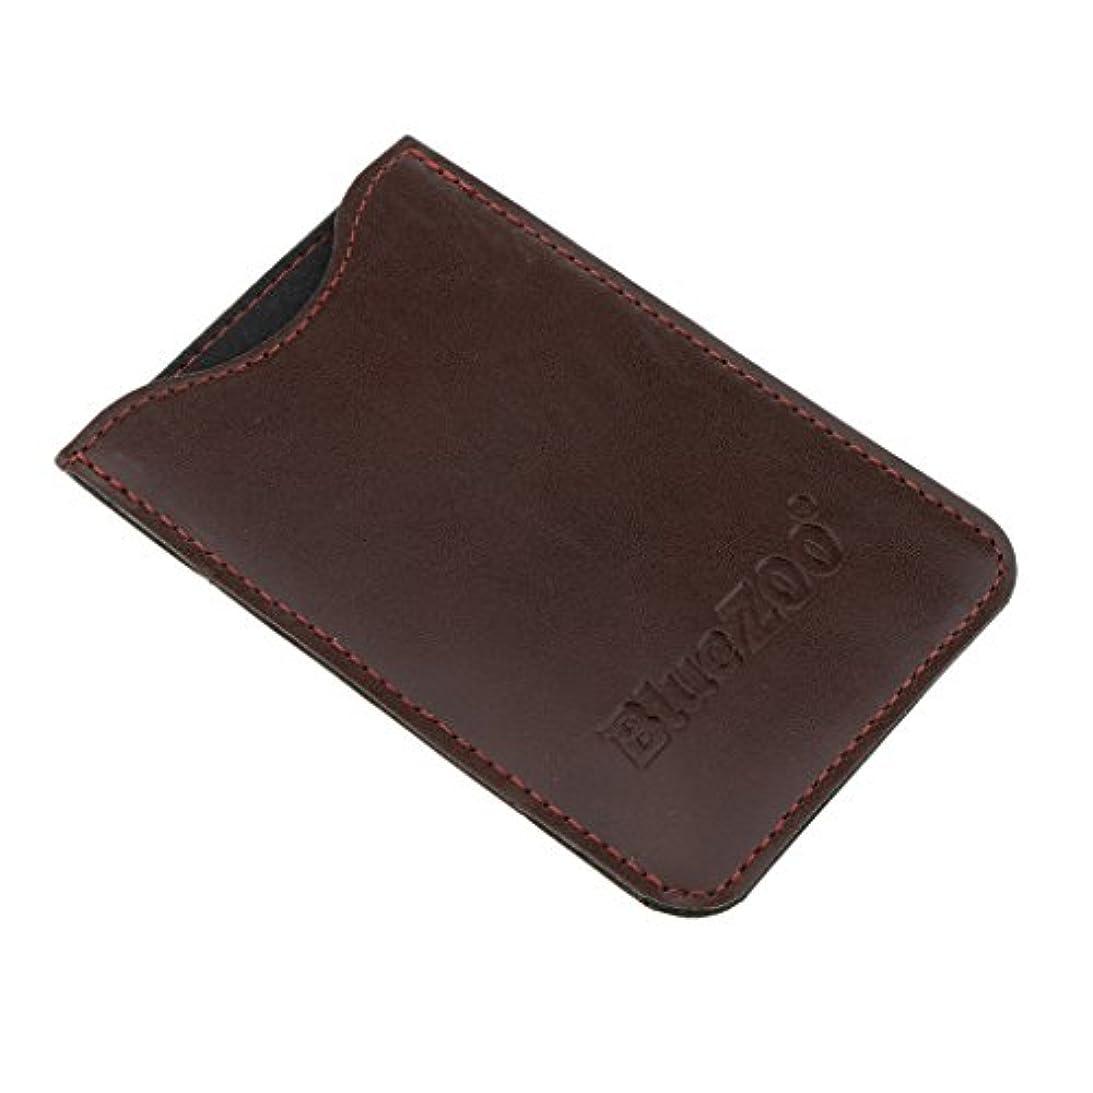 エンティティ簡潔な名声Perfk PUレザー バッグ 収納ケース 保護カバー 櫛/名刺/IDカード/銀行カード 収納パック 便利 全2色  - 褐色